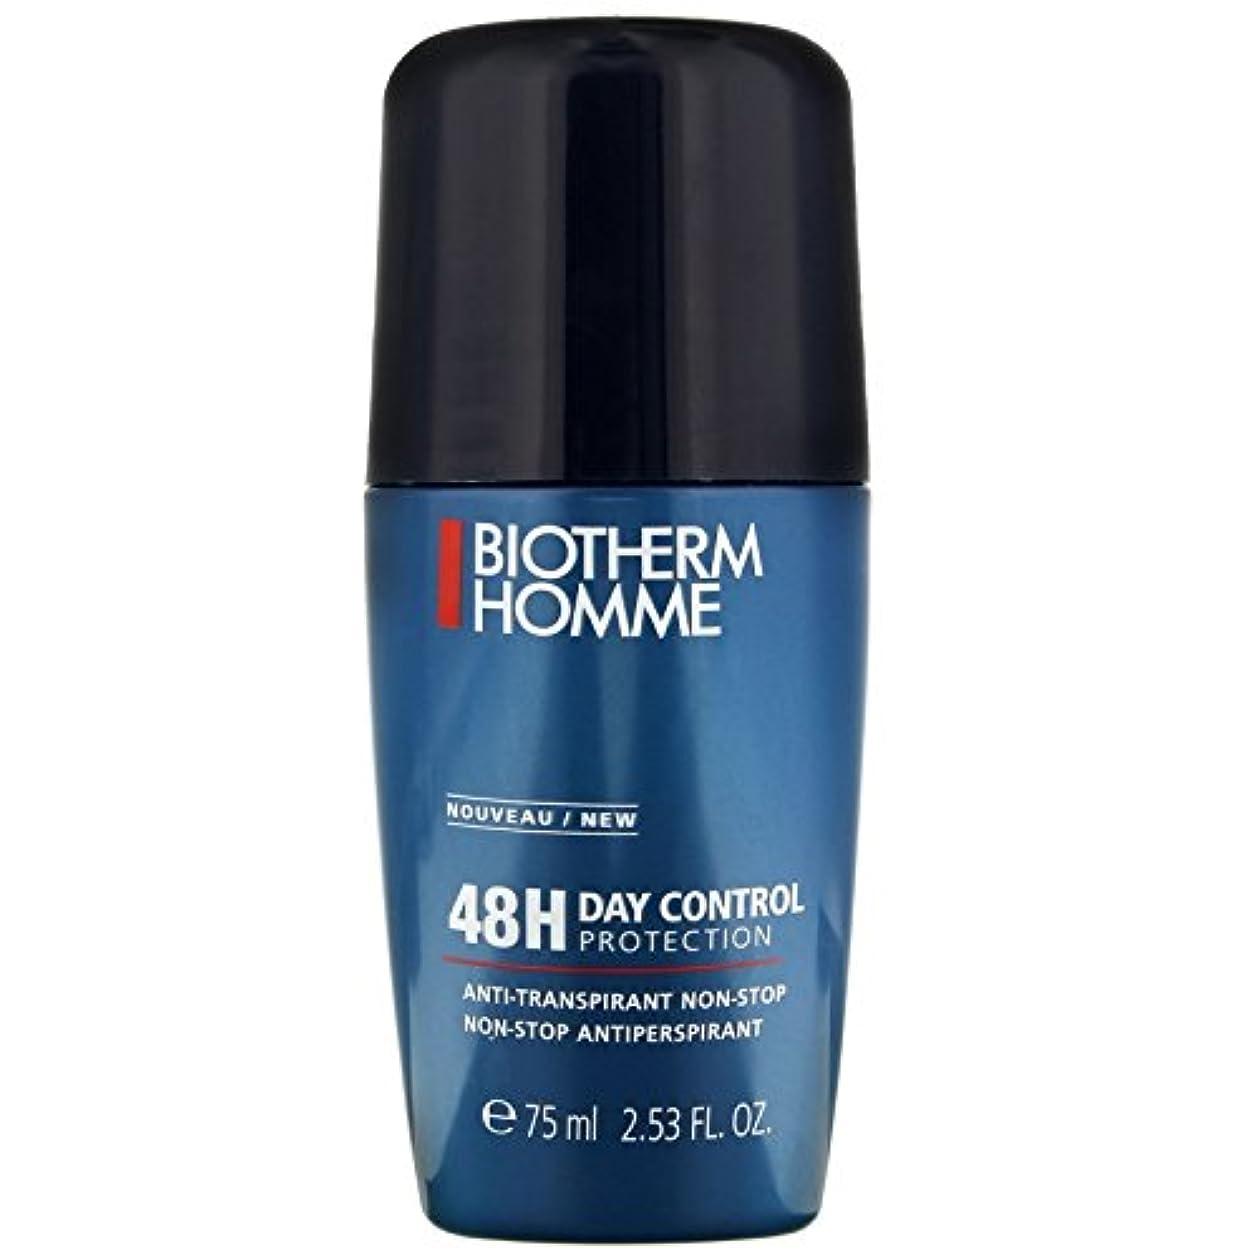 インク出演者つぼみビオテルム Homme Day Control Protection 48H Non-Stop Antiperspirant 75ml/2.53oz並行輸入品